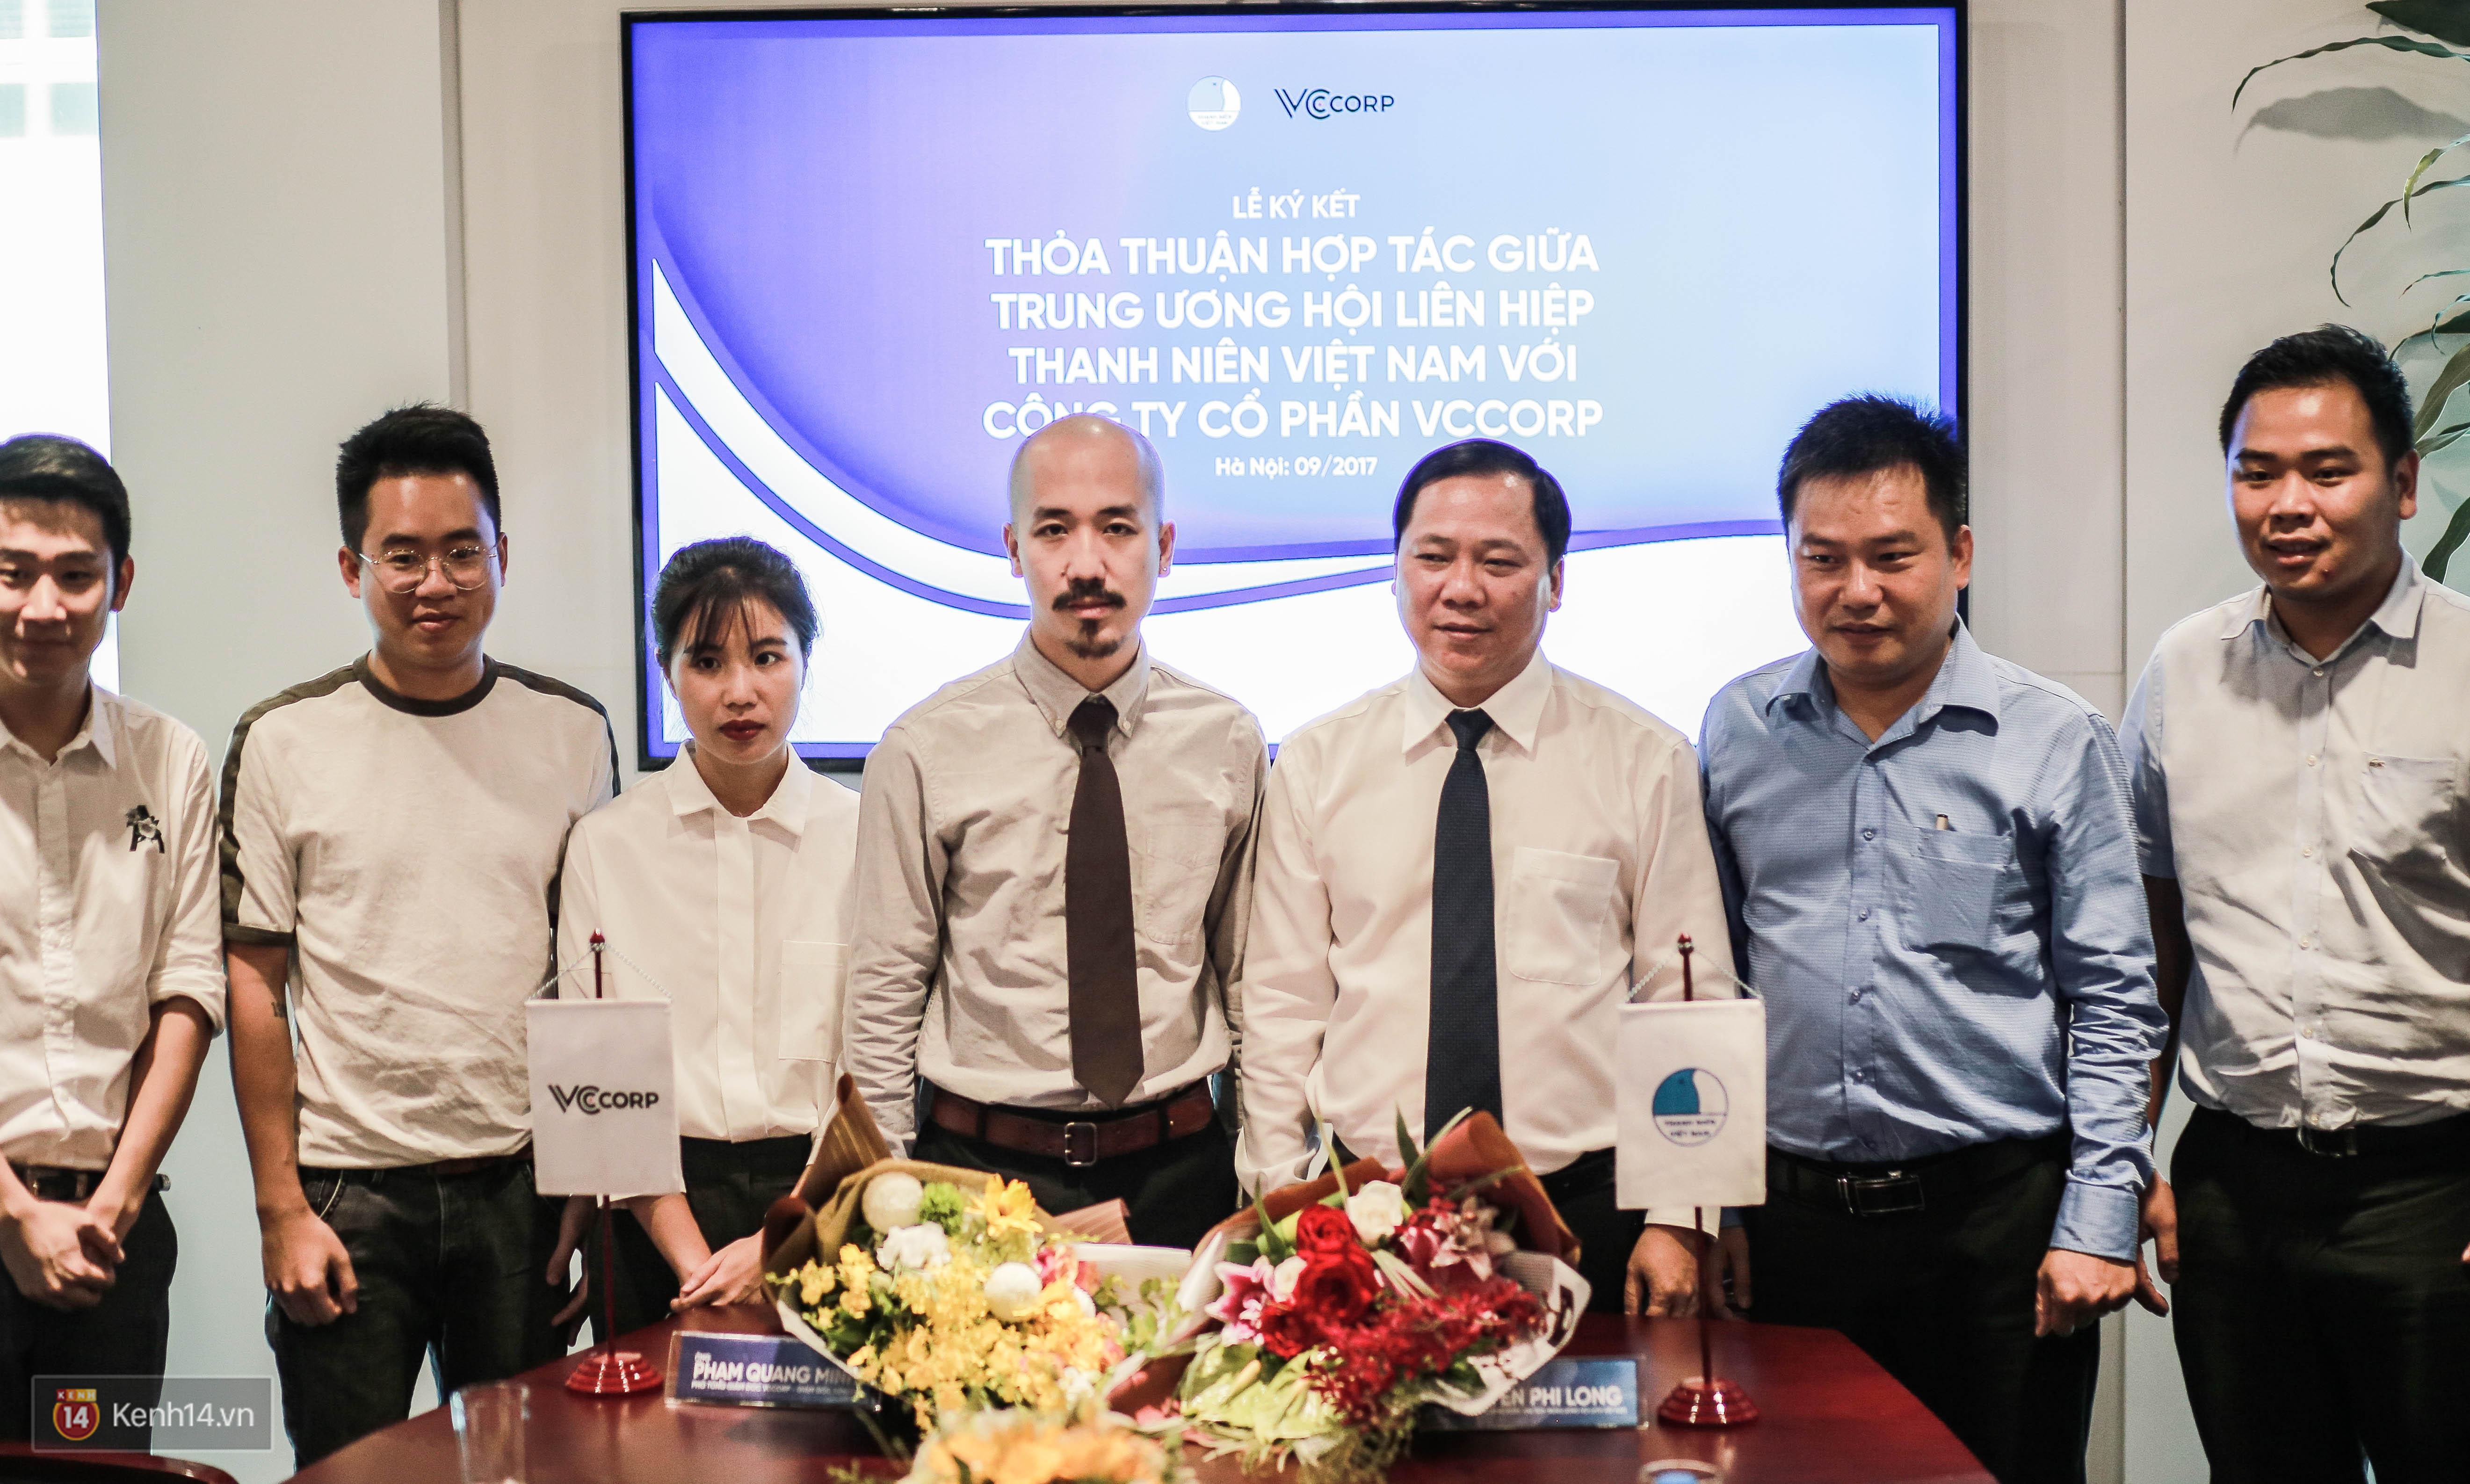 Lễ ký kết thỏa thuận hợp tác giữa TW Hội Liên hiệp Thanh niên Việt Nam và Công ty CP VCCorp - Ảnh 10.